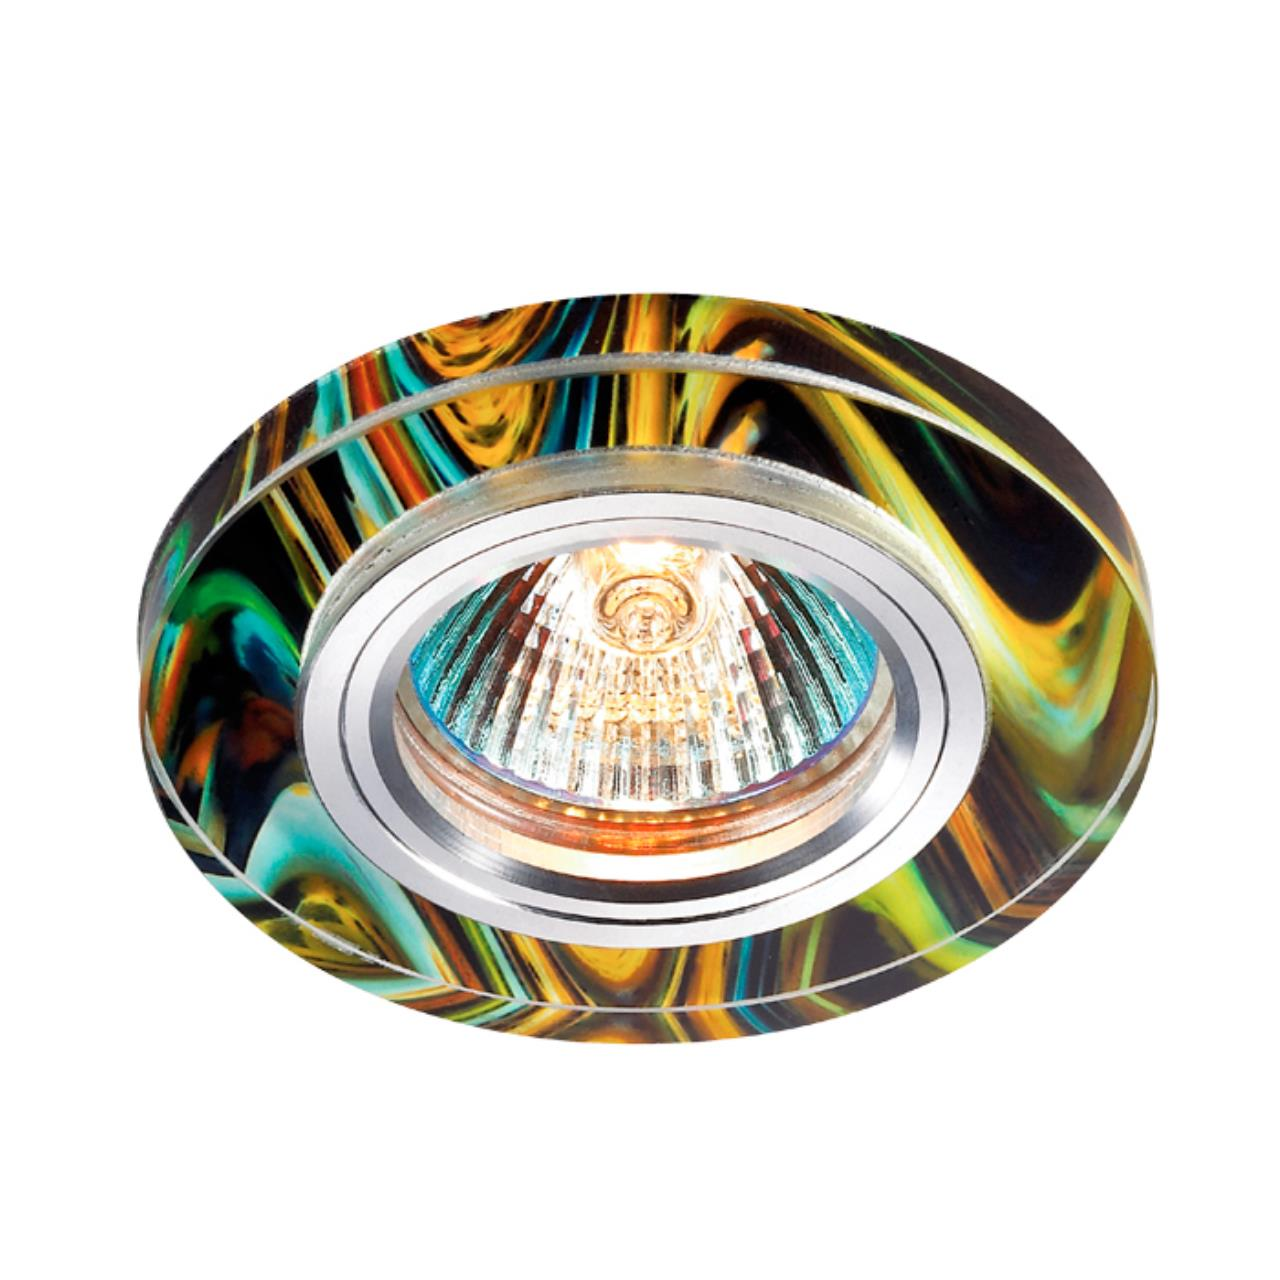 369913 SPOT NT14 128 алюминий/цветной Встраиваемый светильник IP20 GX5.3 50W 12V RAINBOW